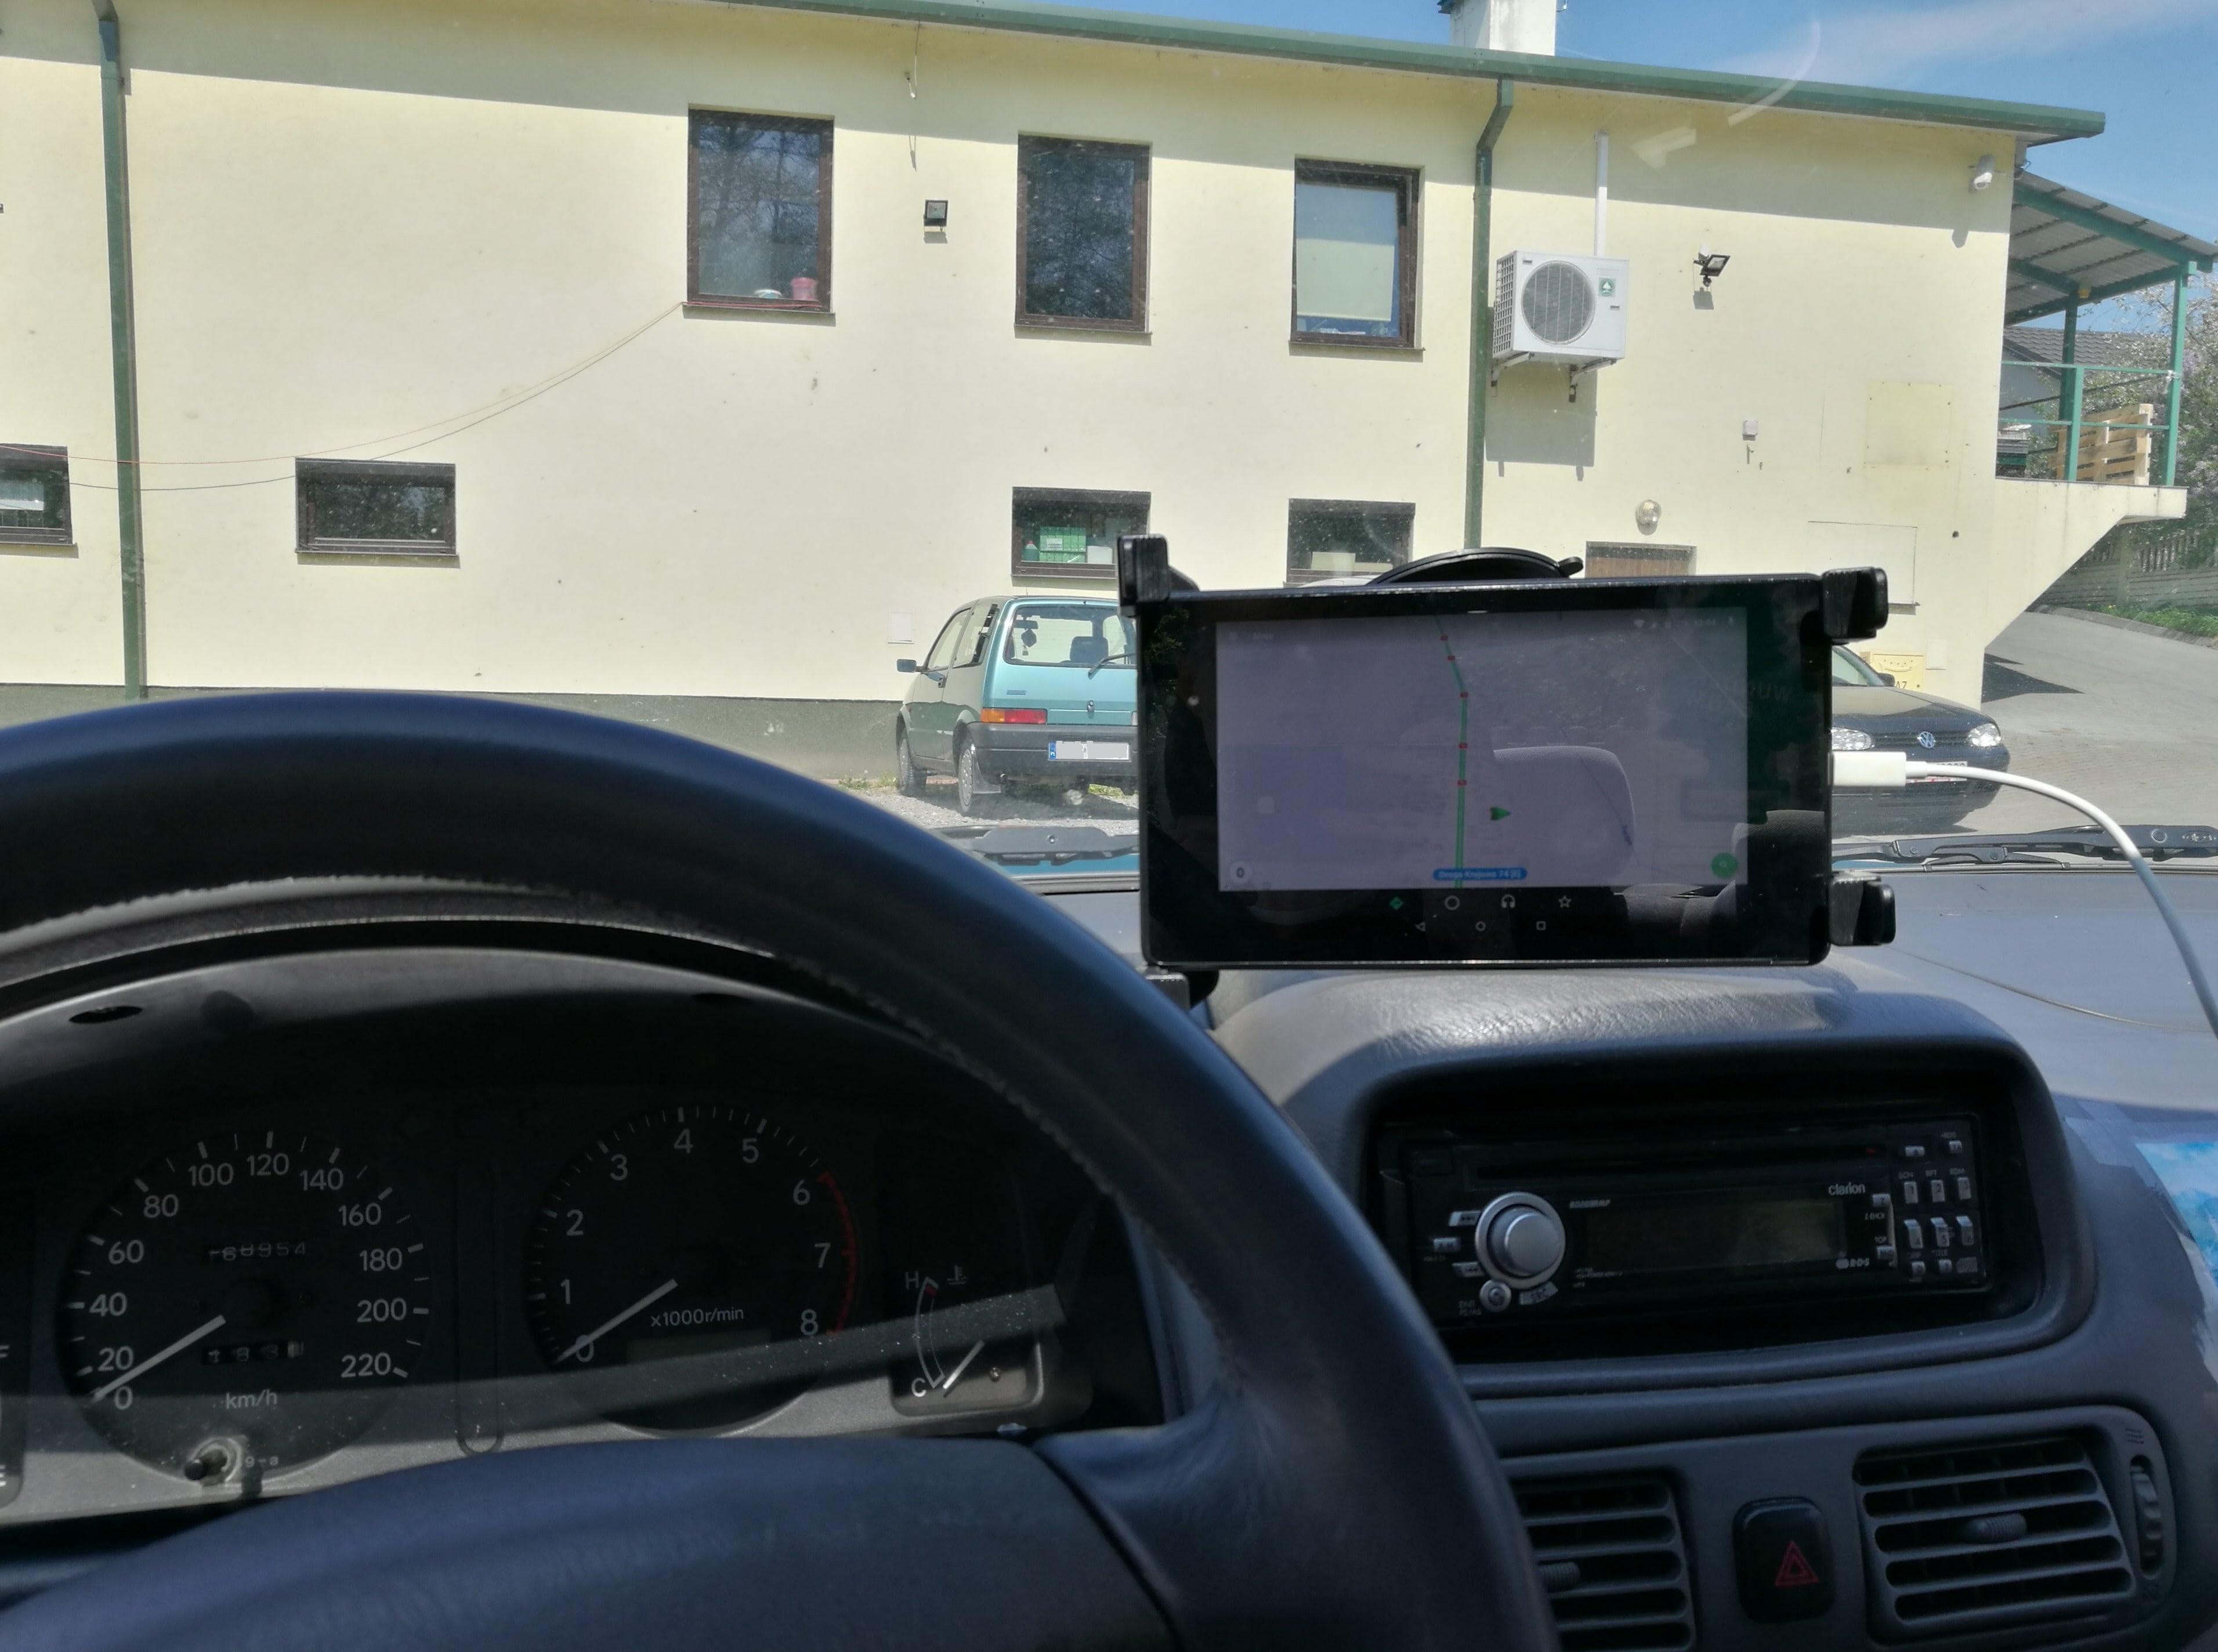 Recenzja i test AutoMate, czyli systemu multimedialnego do samochodu. Jak to działa? 21